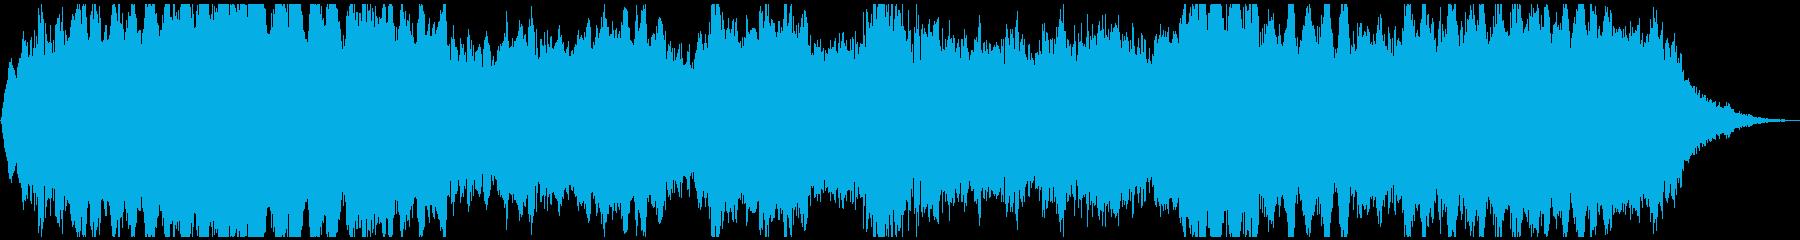 ドローン 秘密01の再生済みの波形